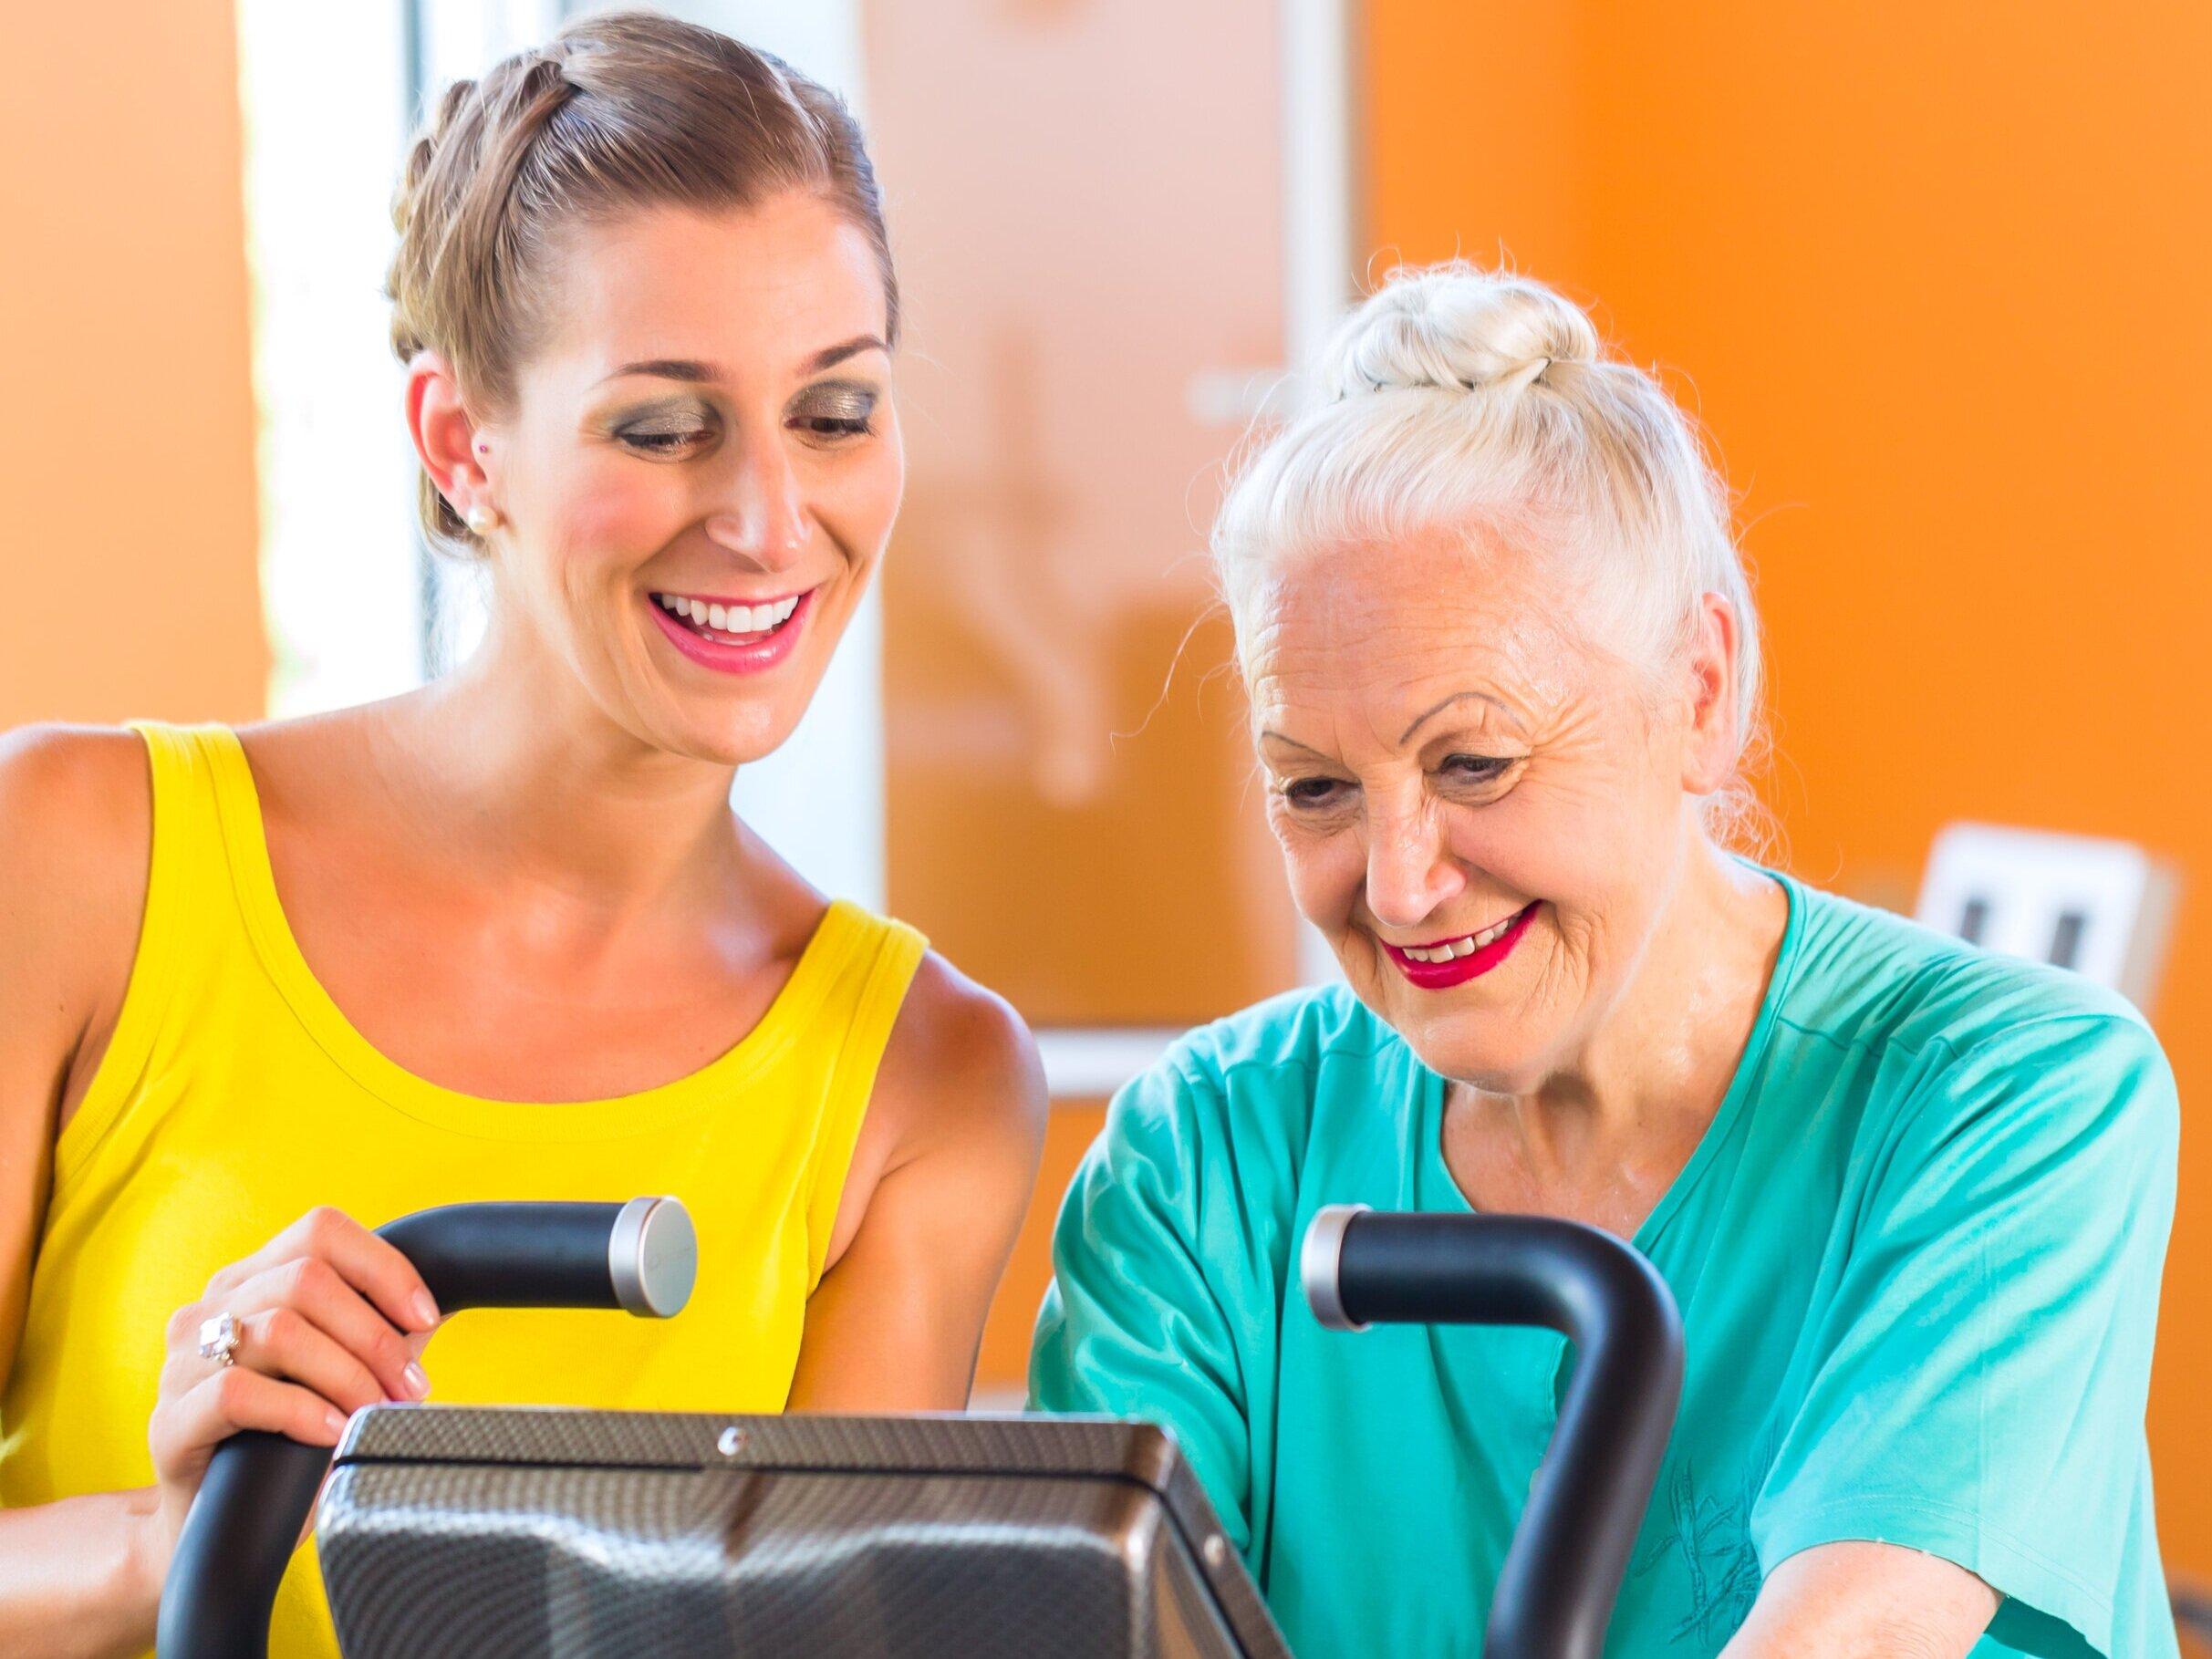 """""""At cykle ud i verden"""" - Televindu som et motiverende værktøj til motion & rehabiliteringPlejebehovet som følge af reduceret funktion skyldes ikke kun sygdommen, men også mangel på fysisk aktivitet. For mange personer med demens, opleves træning som meningsløst. De mangler motivationen til at bevæge sig.Træning er en væsentlig faktor for opretholdelse af funktion og bidrager til at give en følelse af velvære. Træning giver forbedring af muskelstyrke, fleksibilitet, balance, koordination og udholdenhed, som sammen bidrager til øget funktion, mindre plejebehov og bedre livskvalitet.Televindu gør det muligt at cykle ud i verden fra sin egen dagligstue. Ved at placere en træningscykel foran skærmen, kan den ældre cykle med til cykelvideoer fra kendte omgivelser eller udforske nye områder i udlandet. Dette gør træningen til en spændende og meningsfuld aktivitet for de ældre."""